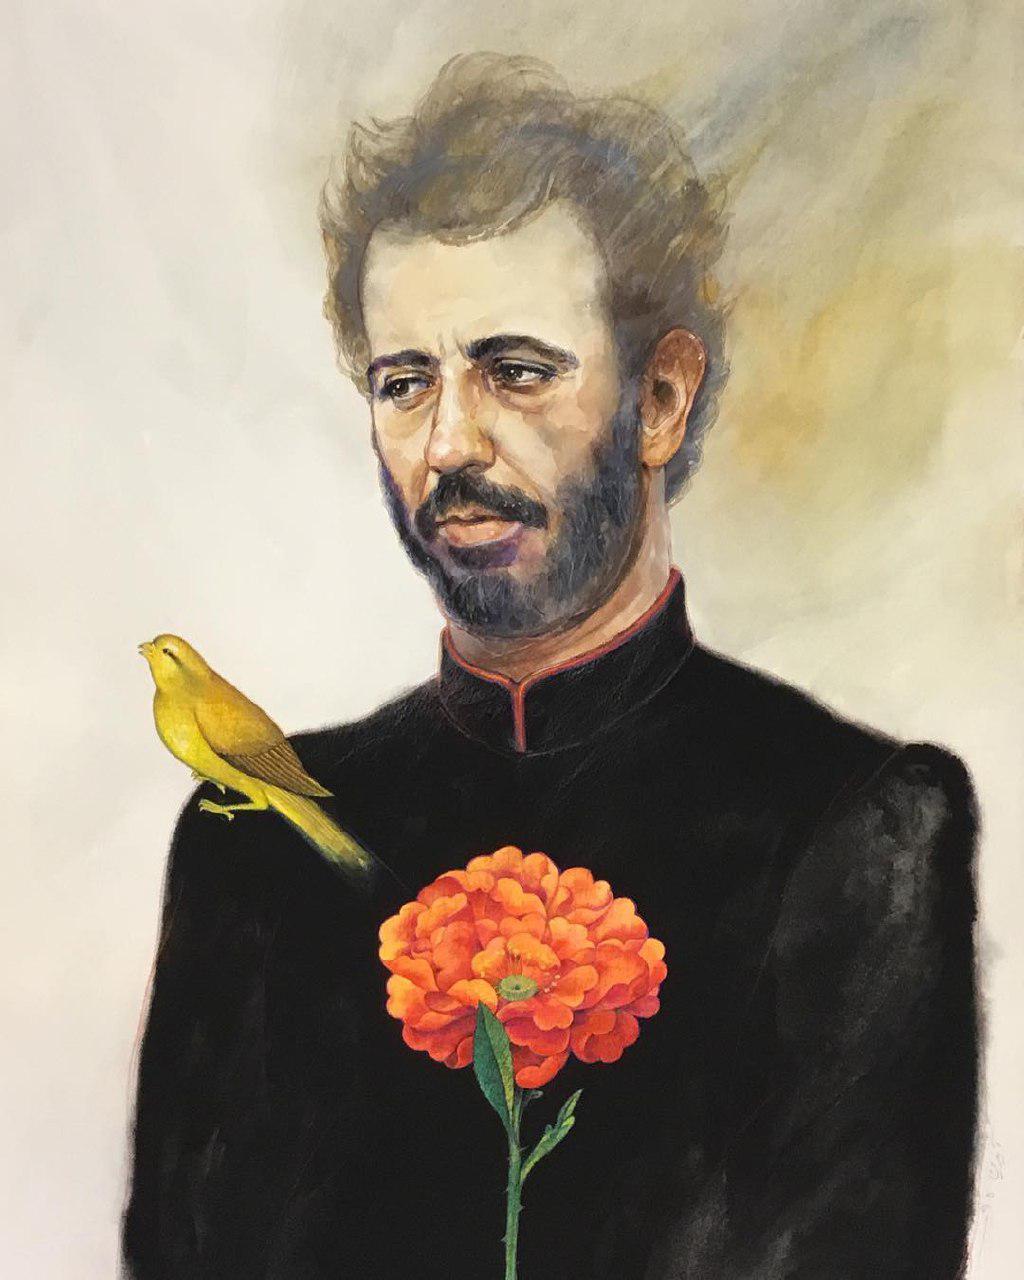 علی حاتمی - طراح آیدین آغداشلو